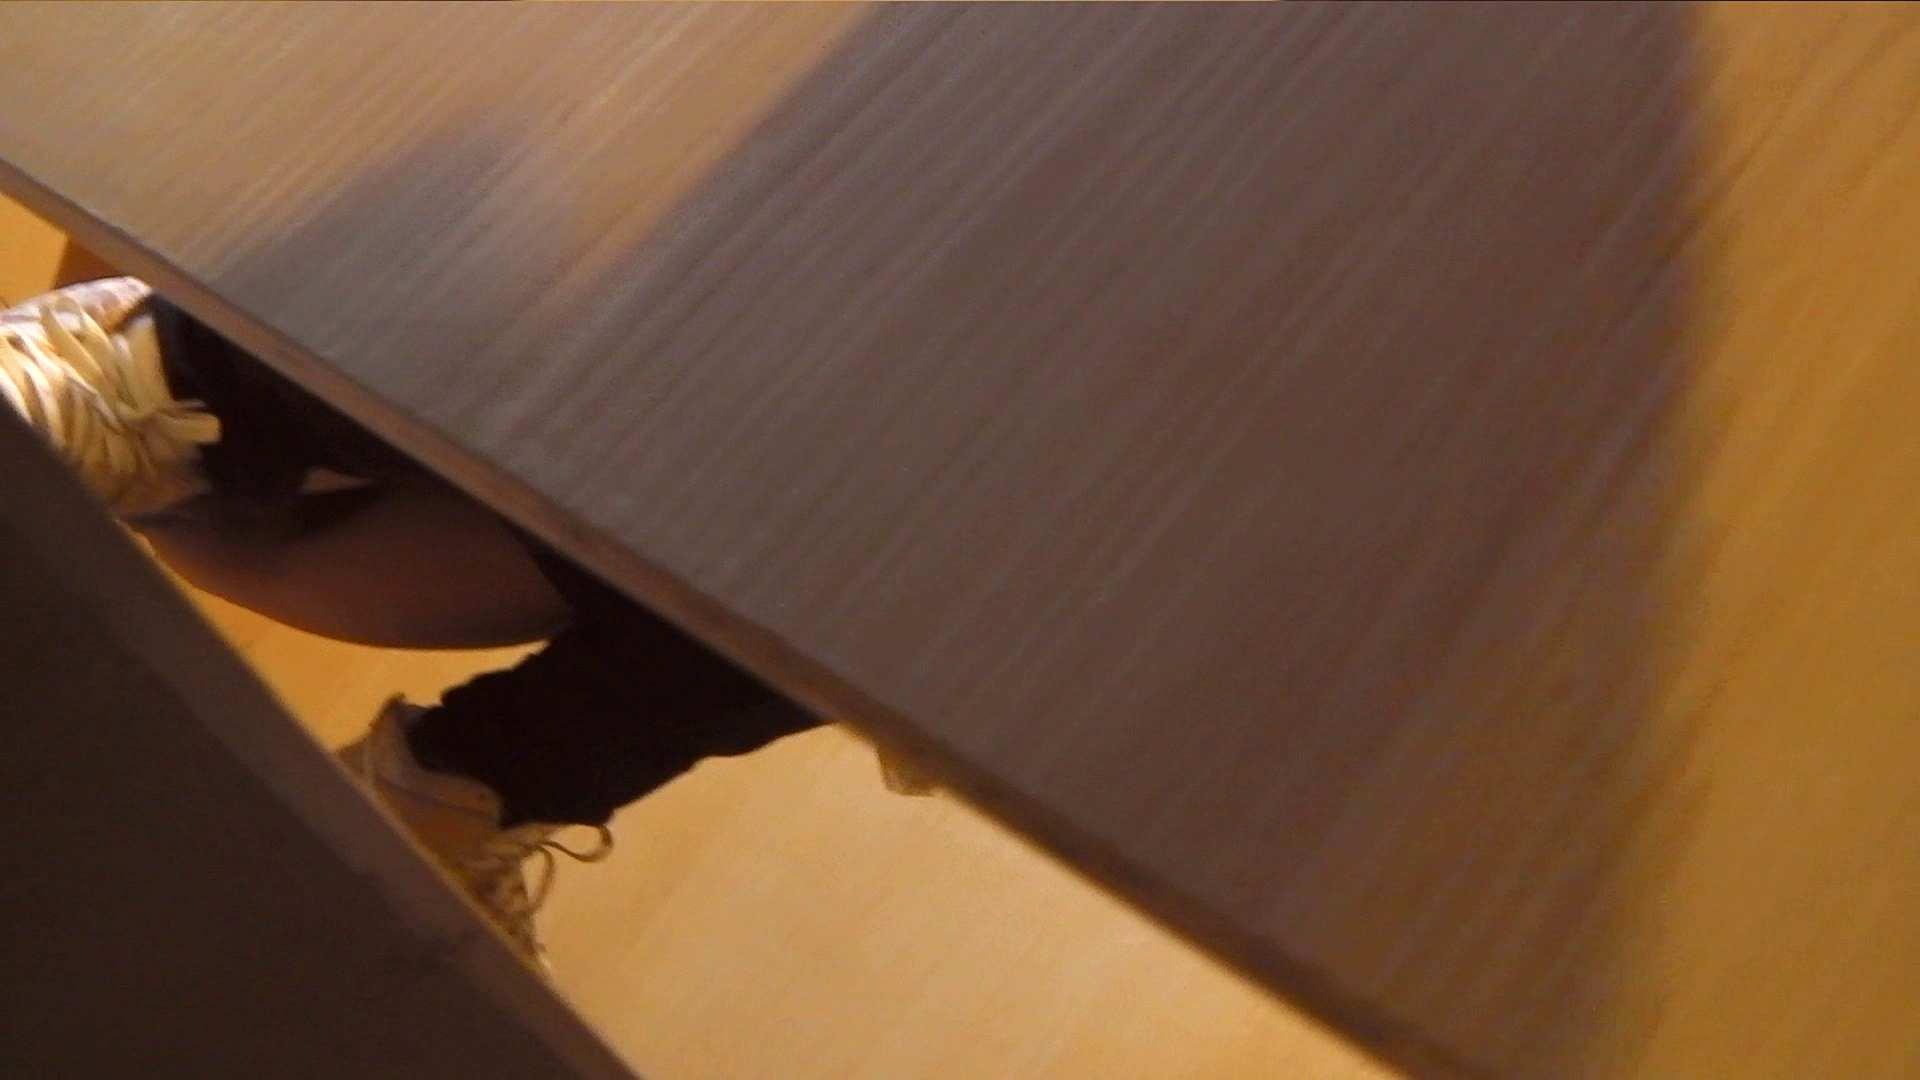 阿国ちゃんの「和式洋式七変化」No.3 洗面所  29pic 14